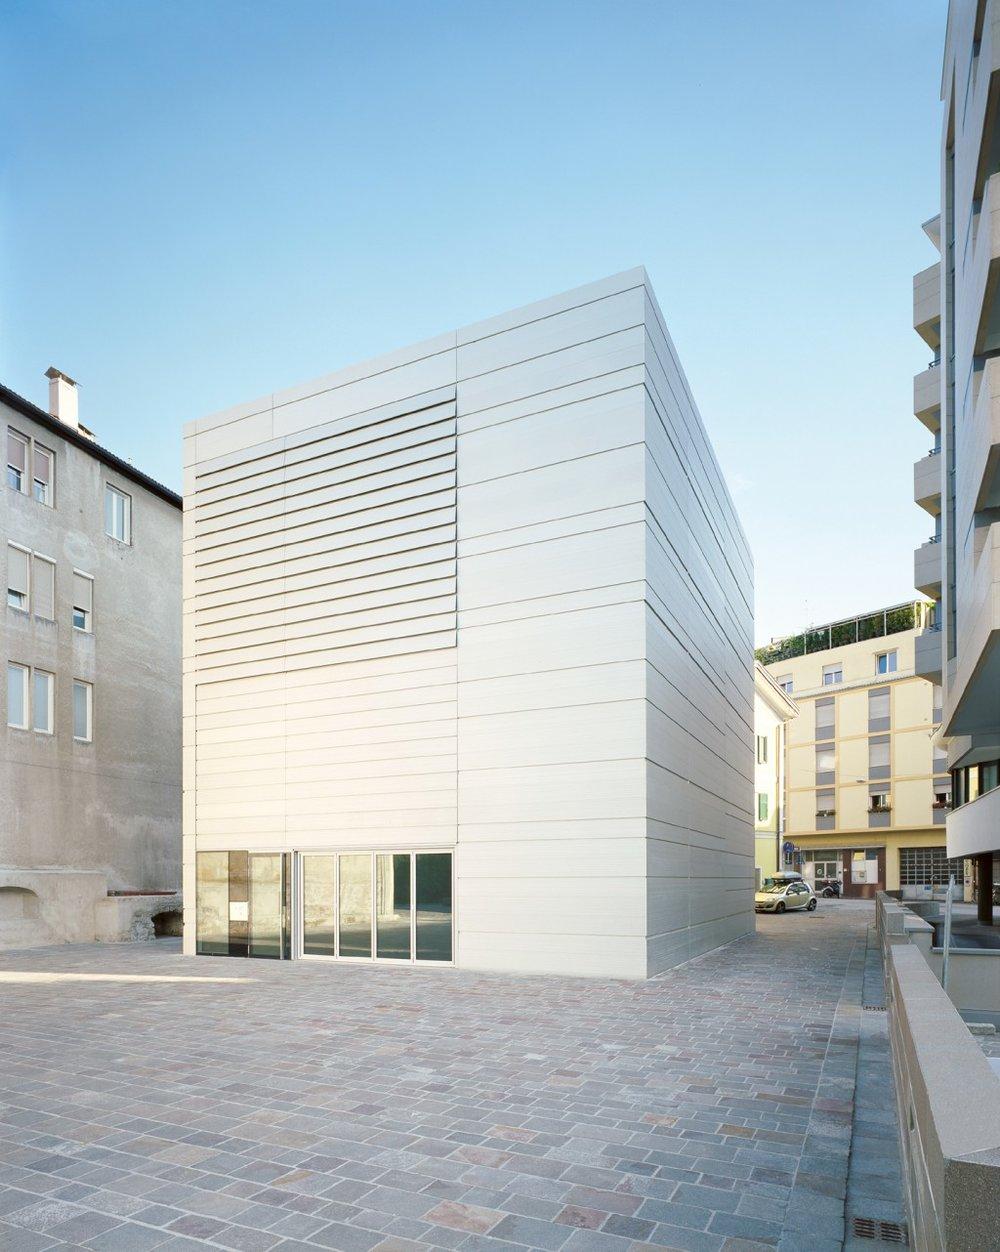 Atelierhaus Museion. Photo: Rene Riller